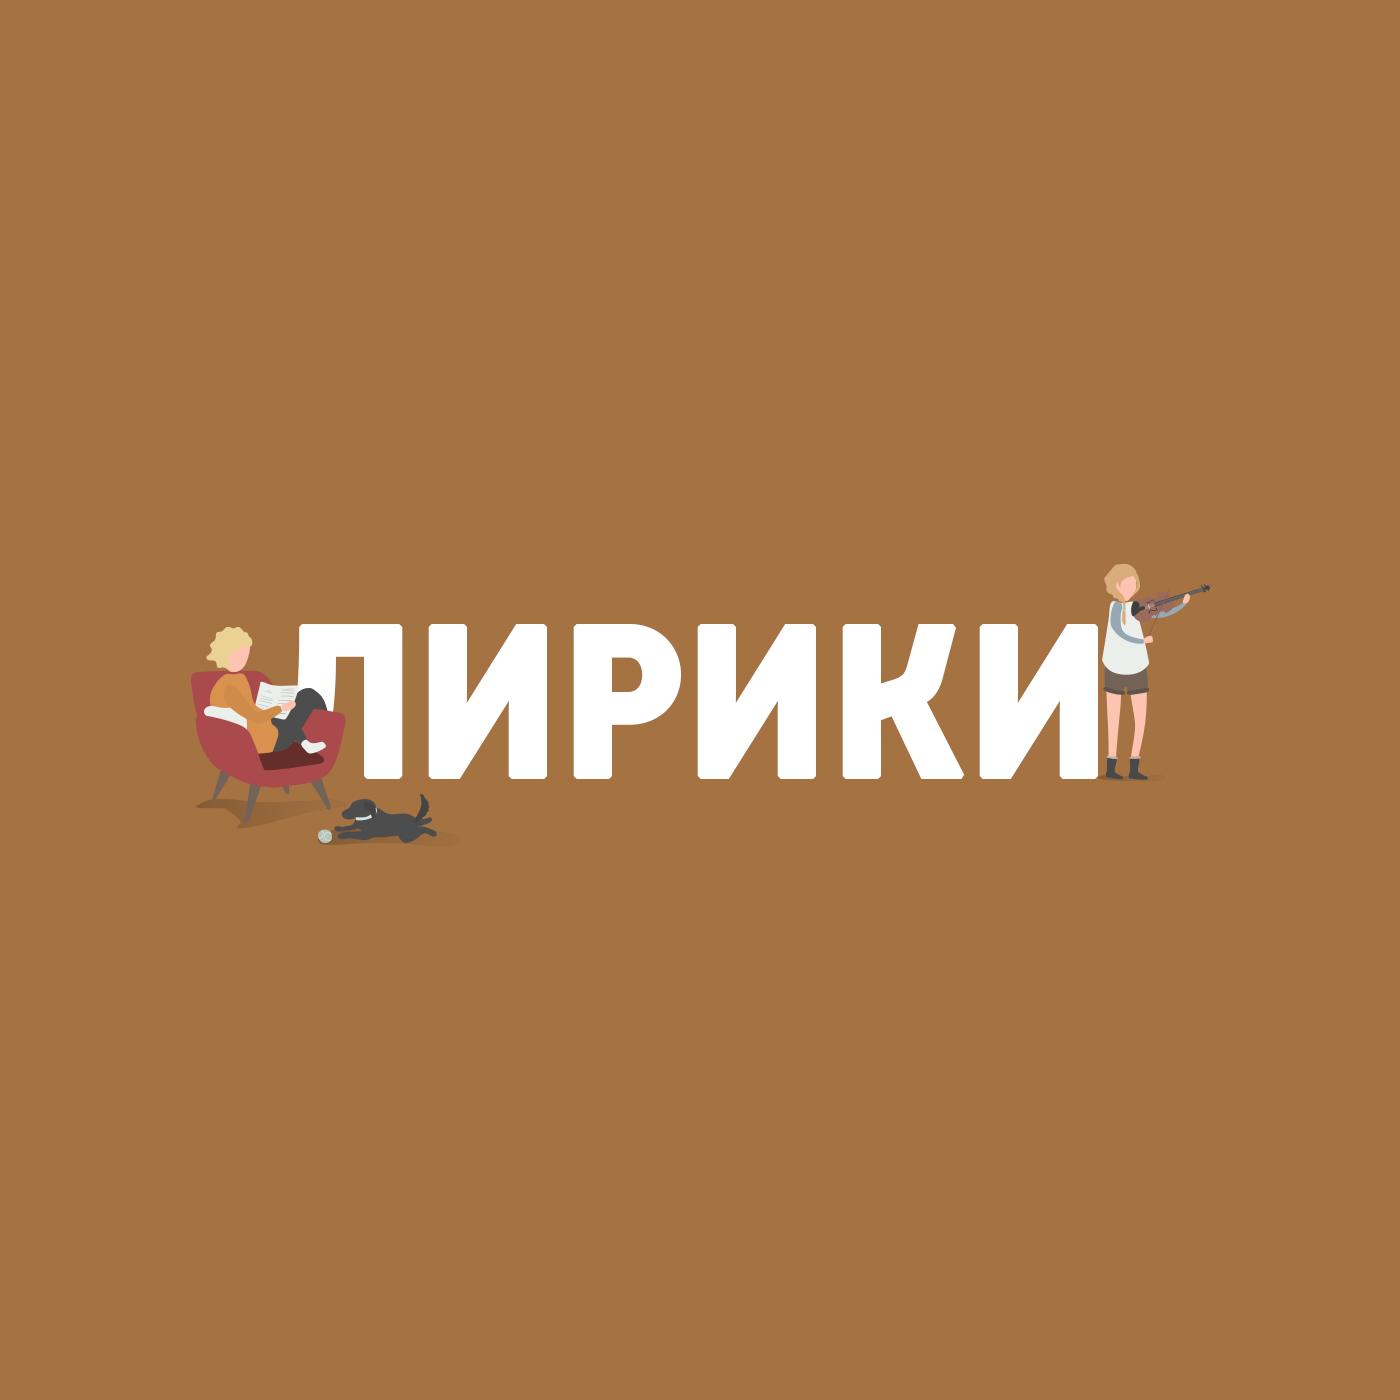 Маргарита Митрофанова Интервью Кристины Орбакайте кристина орбакайте кристина орбакайте маски